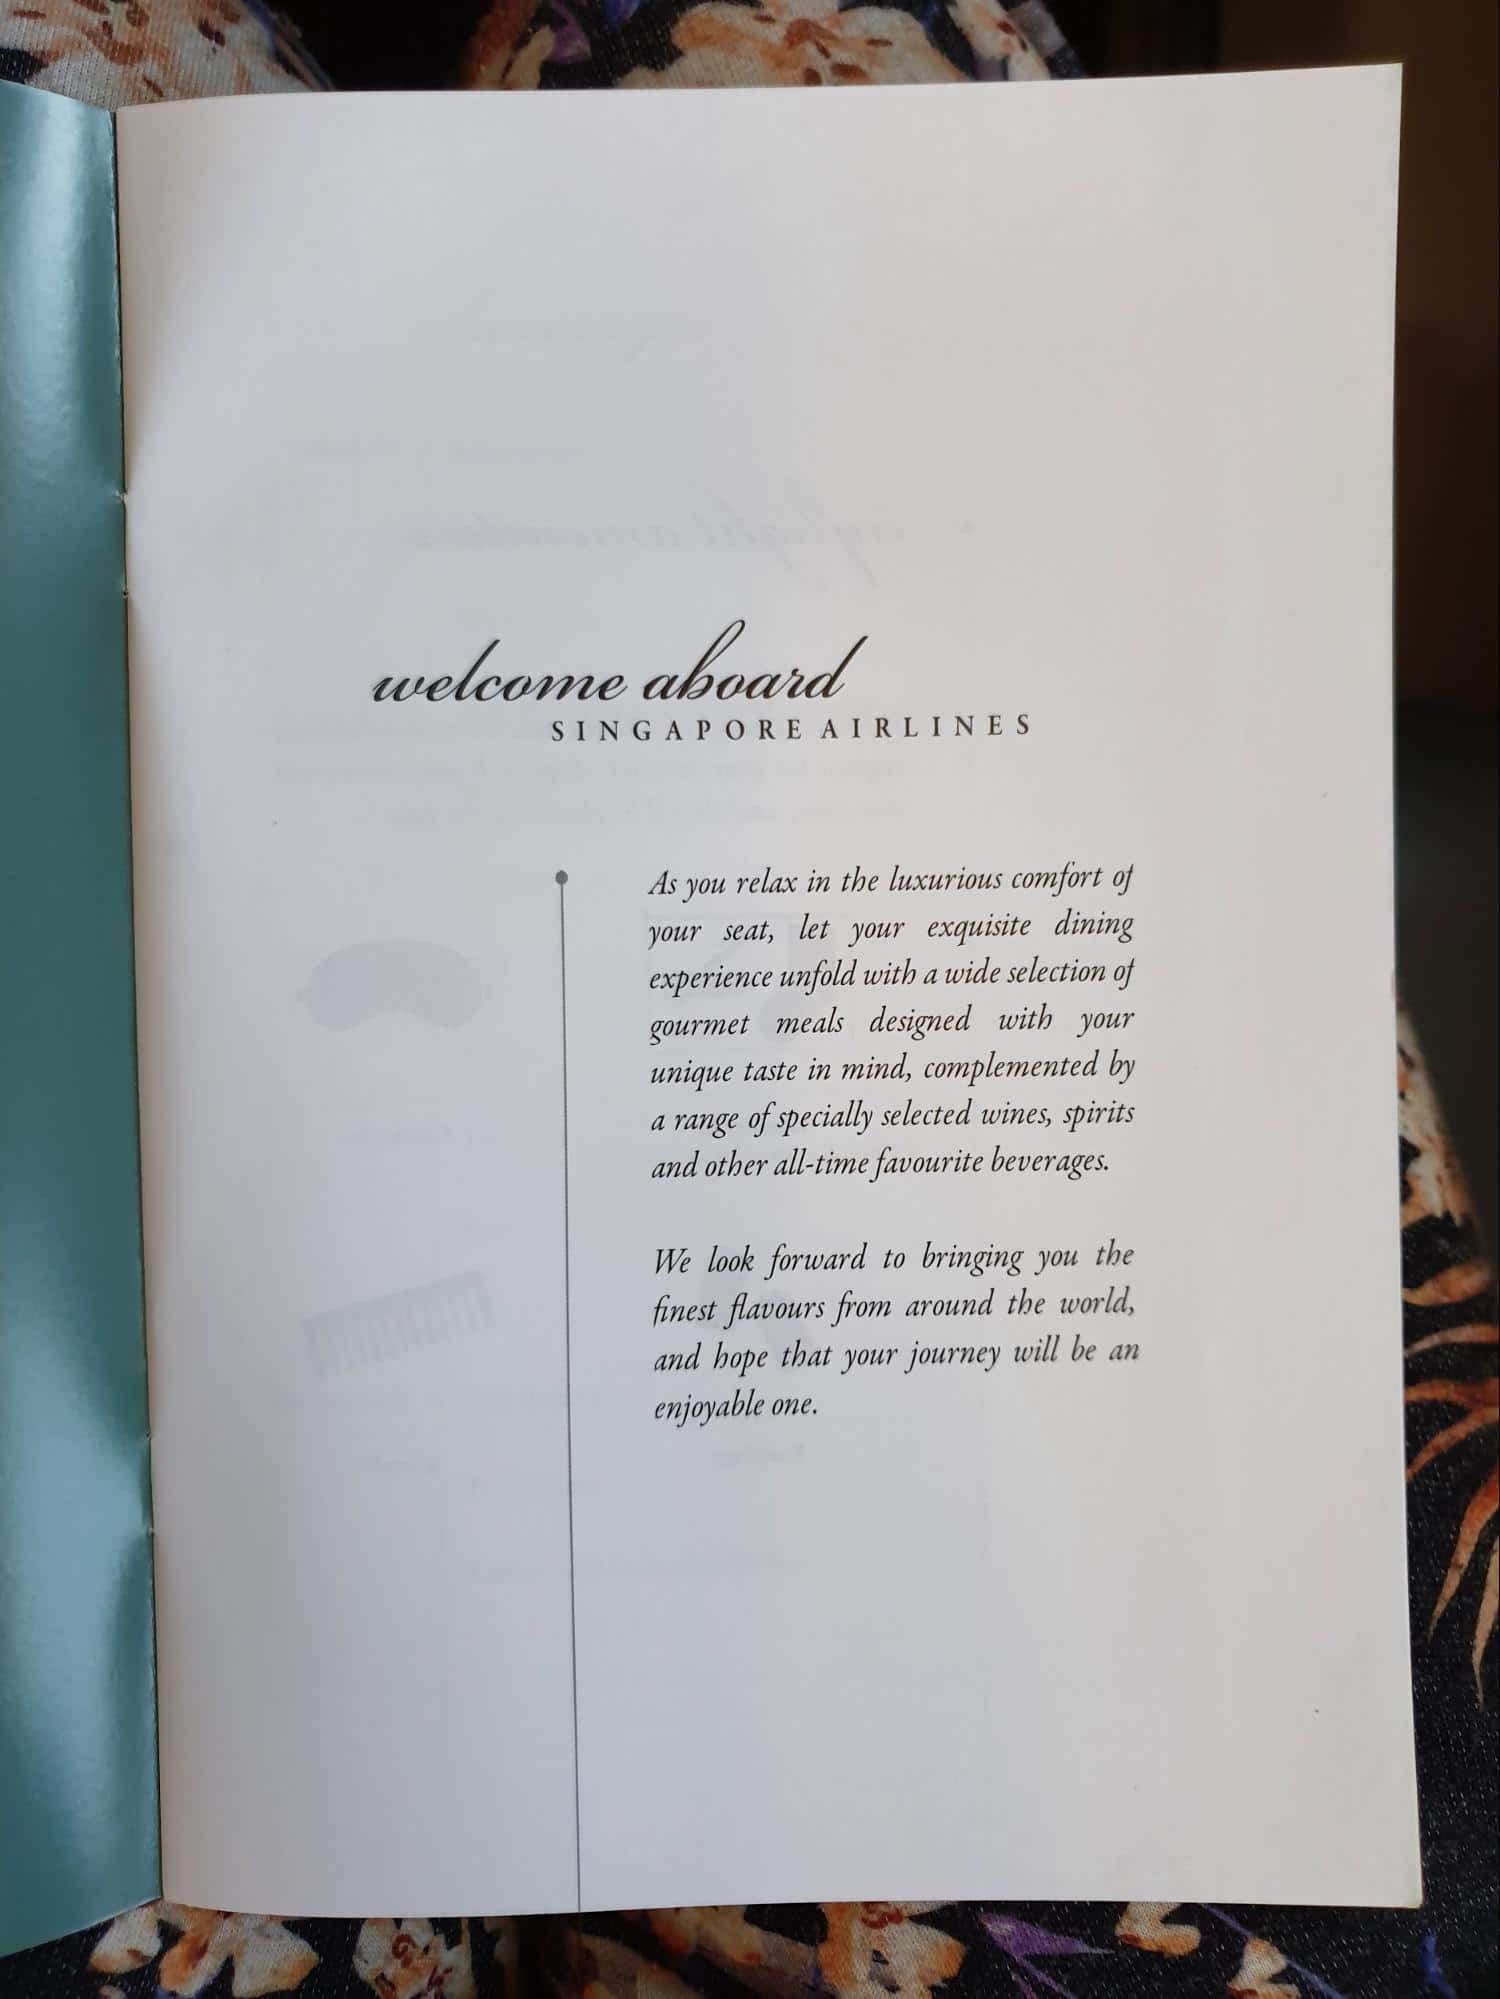 Singapore Airlines Premium Economy onboard menu